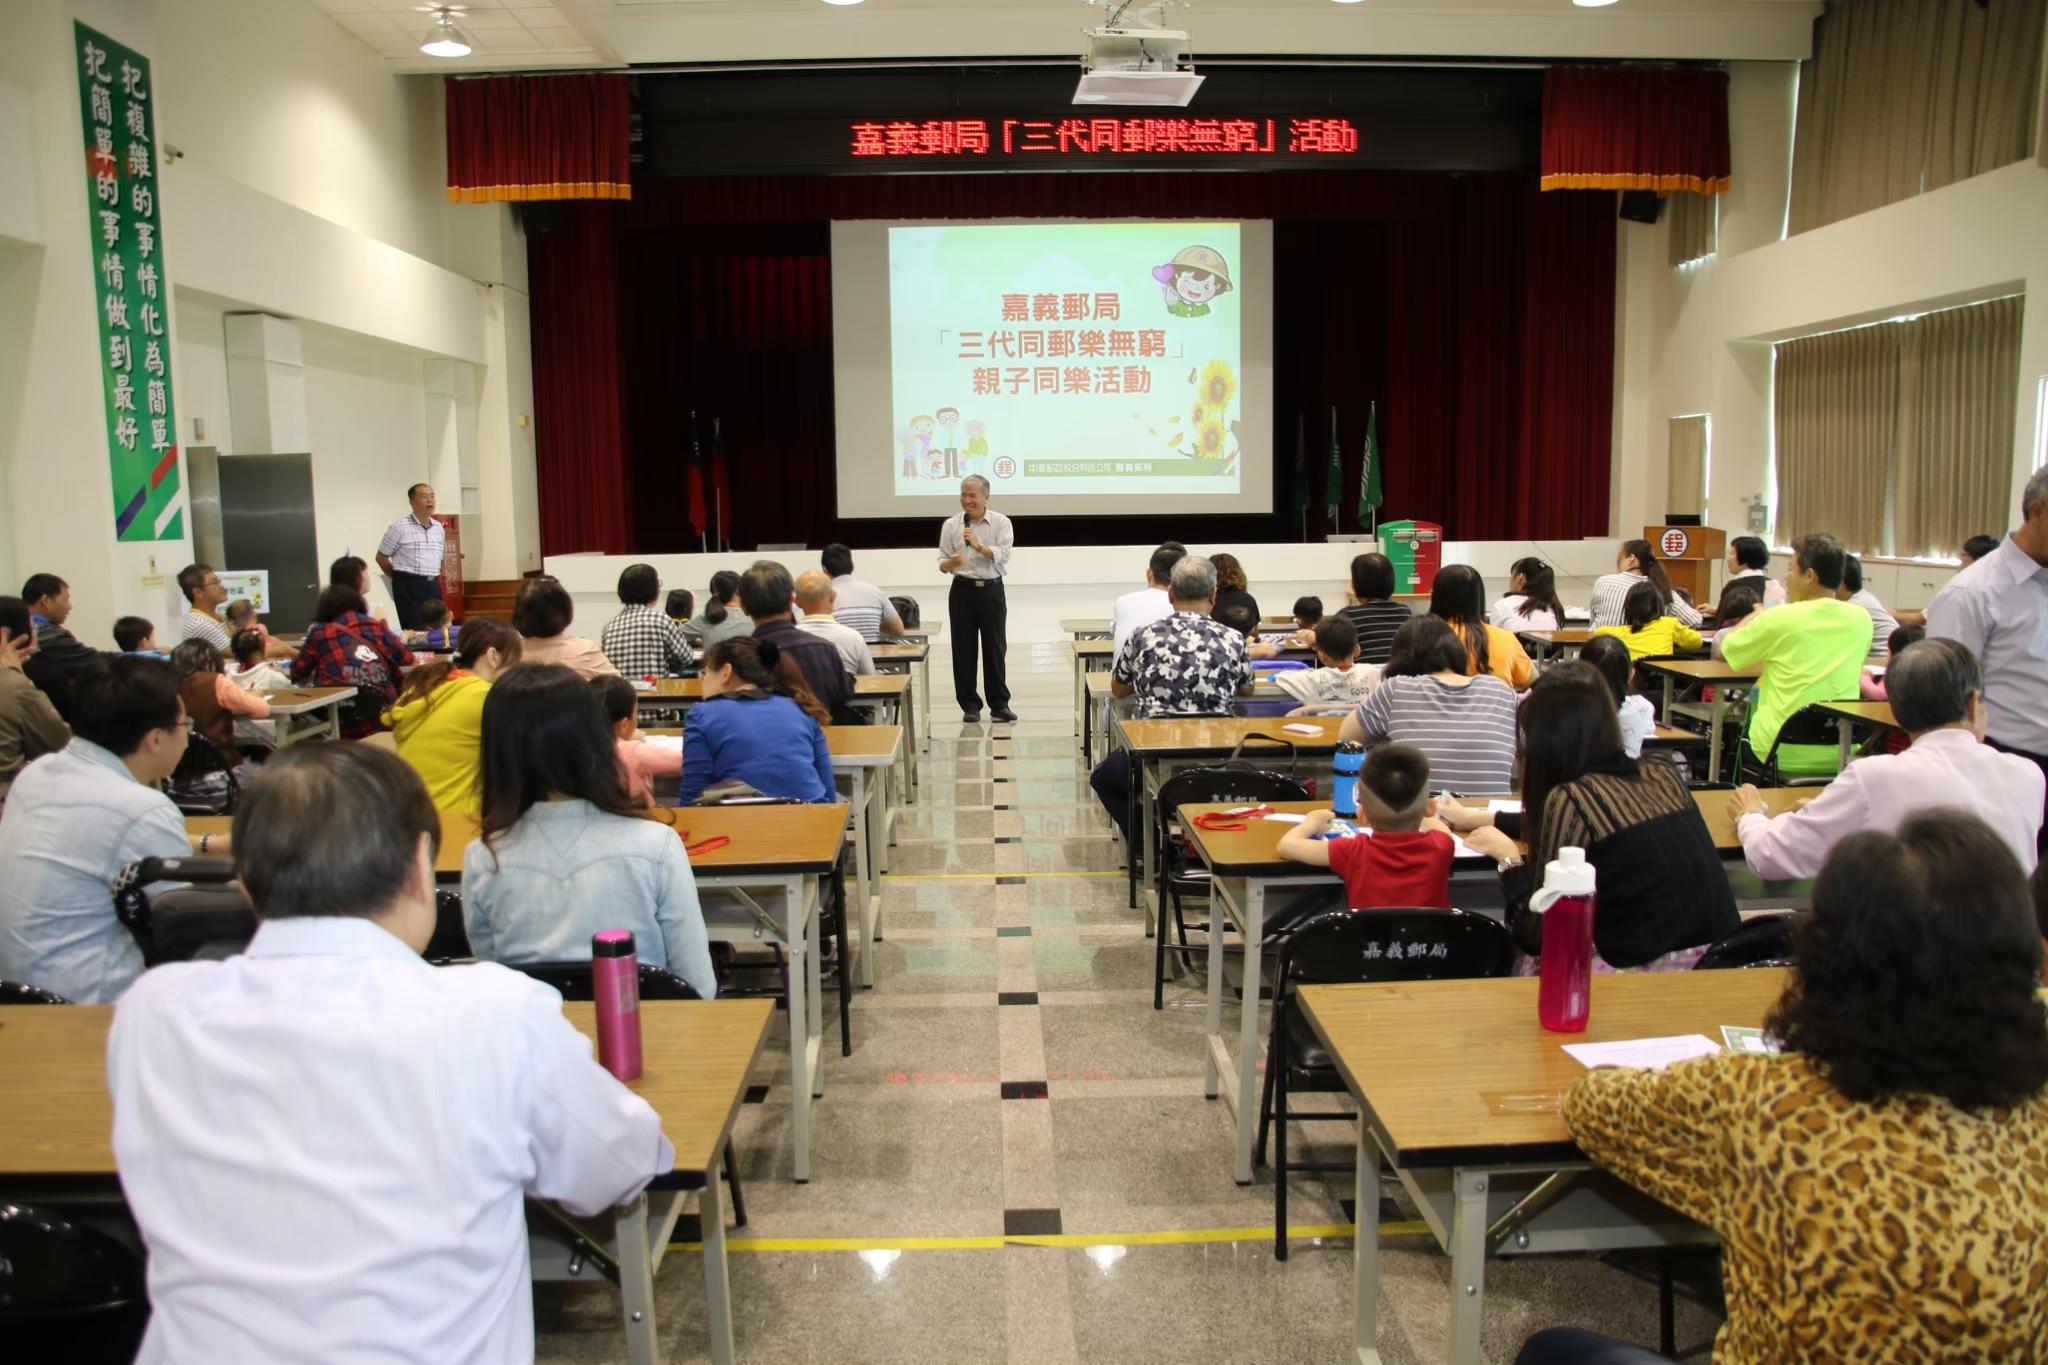 中華郵政 - - 三代同郵樂無窮活動 - - 嘉義場次